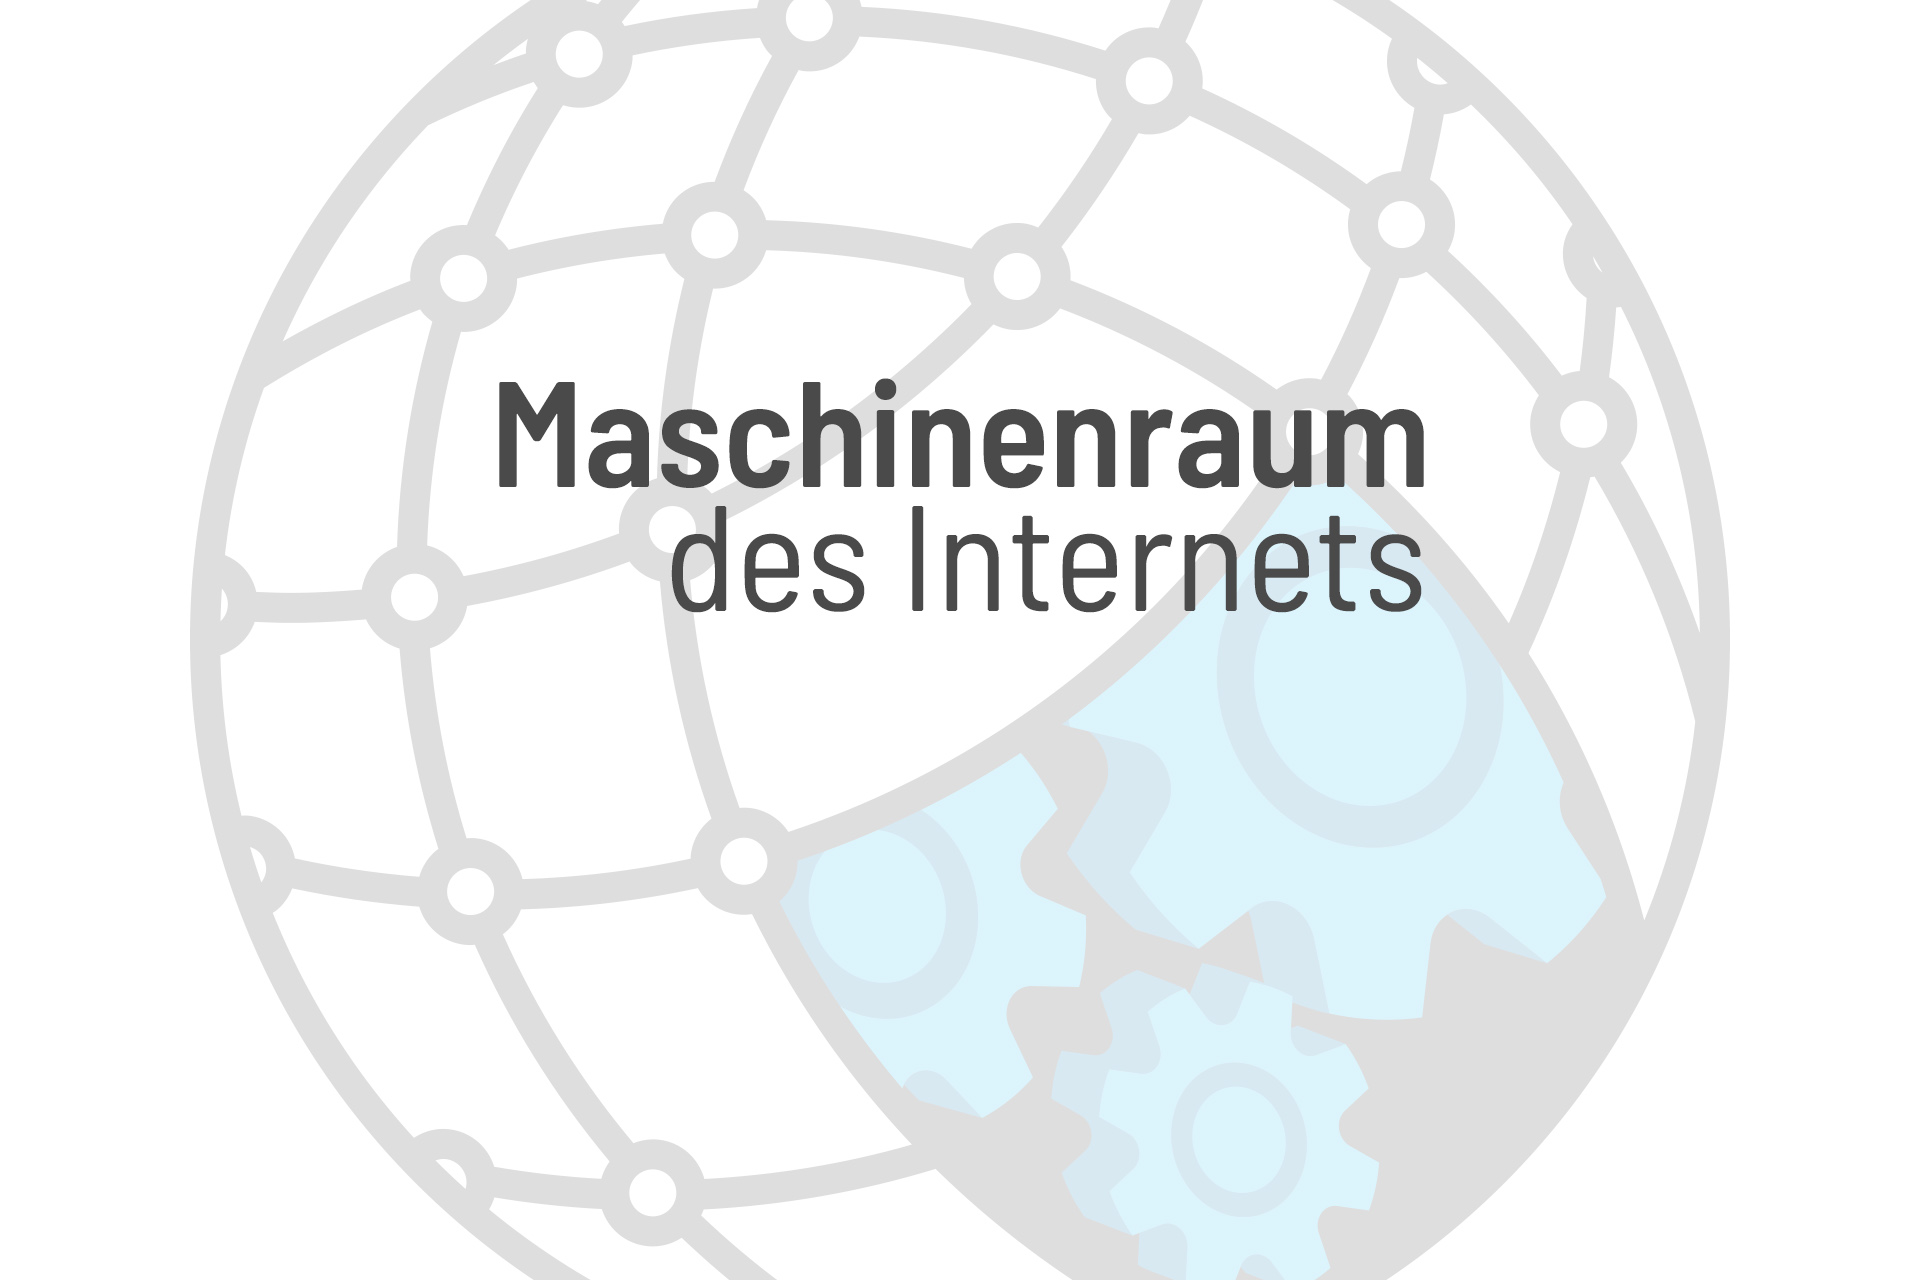 Maschinenraum des Internets